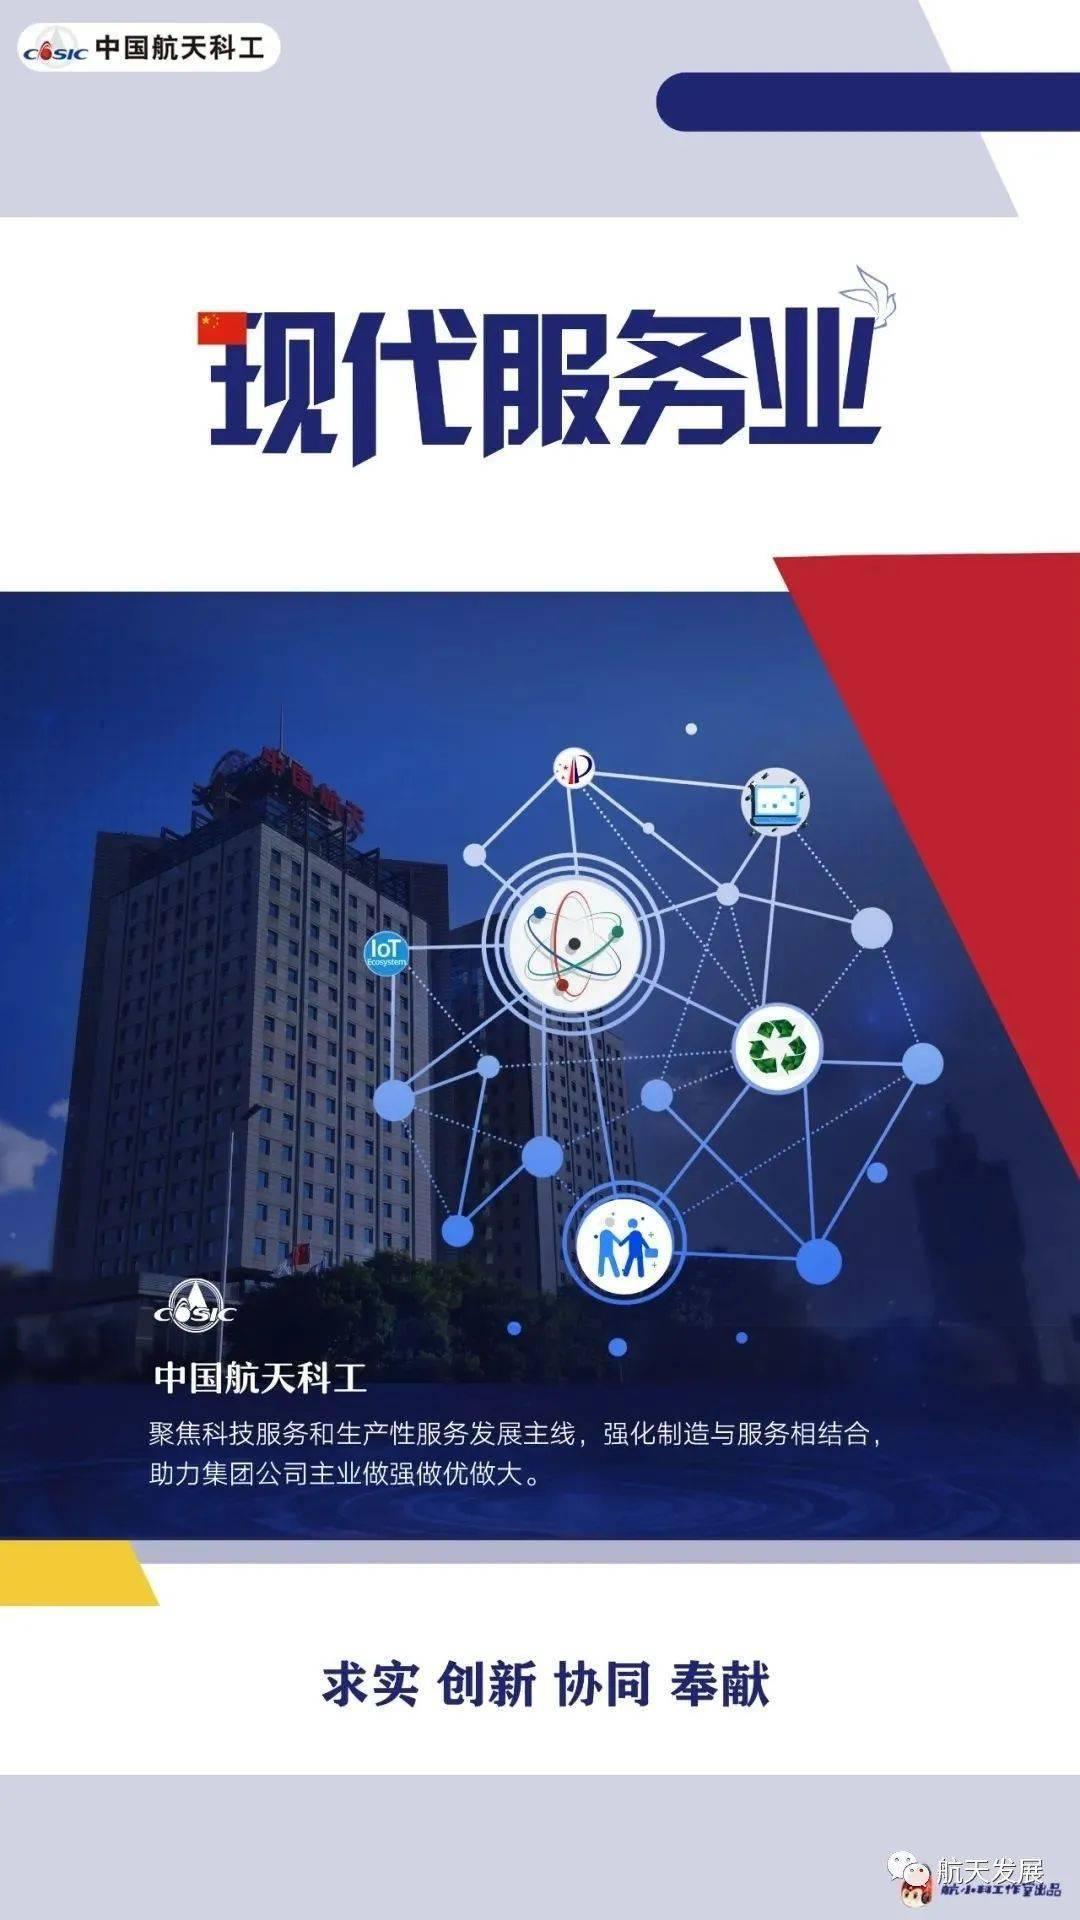 中国航天科工战略事件大会精神得到宣传,即五大产业。